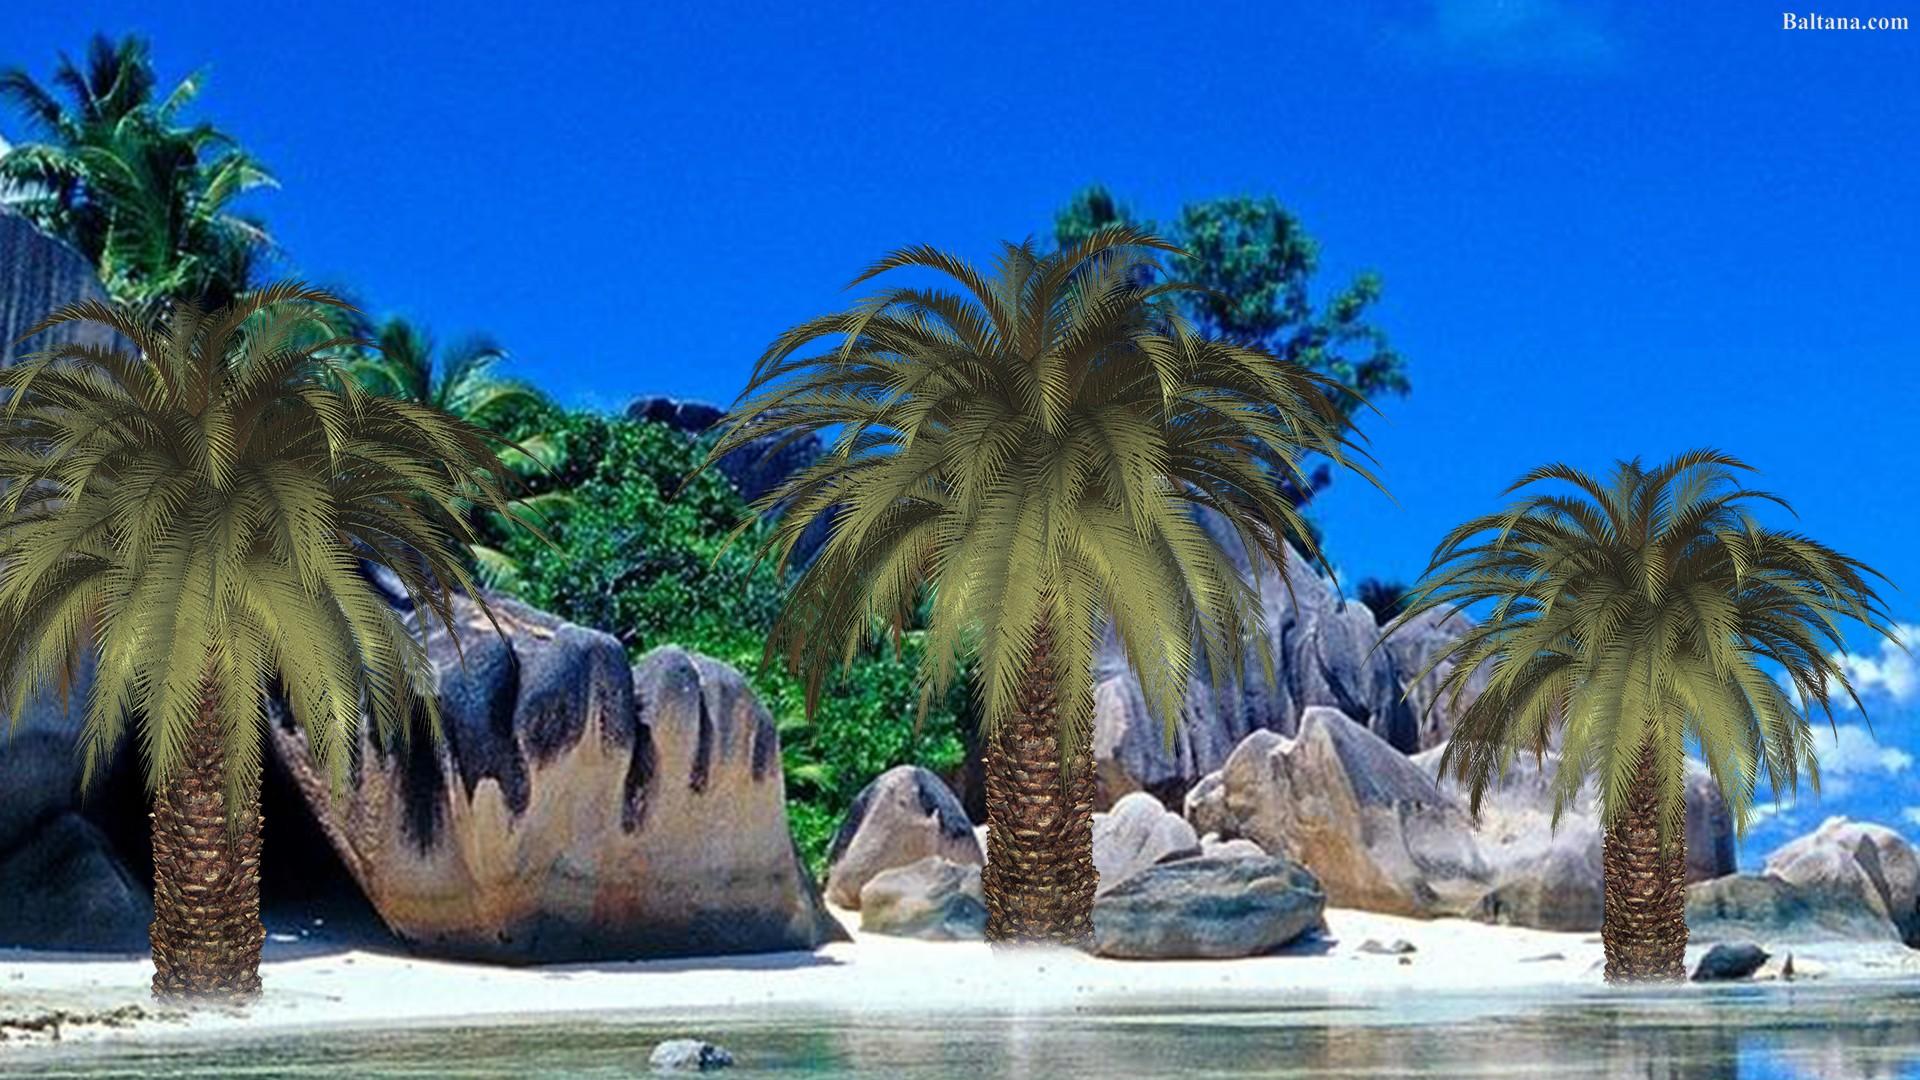 Palm Tree Hd Desktop Wallpaper - Tours Sri Lanka Banner - HD Wallpaper